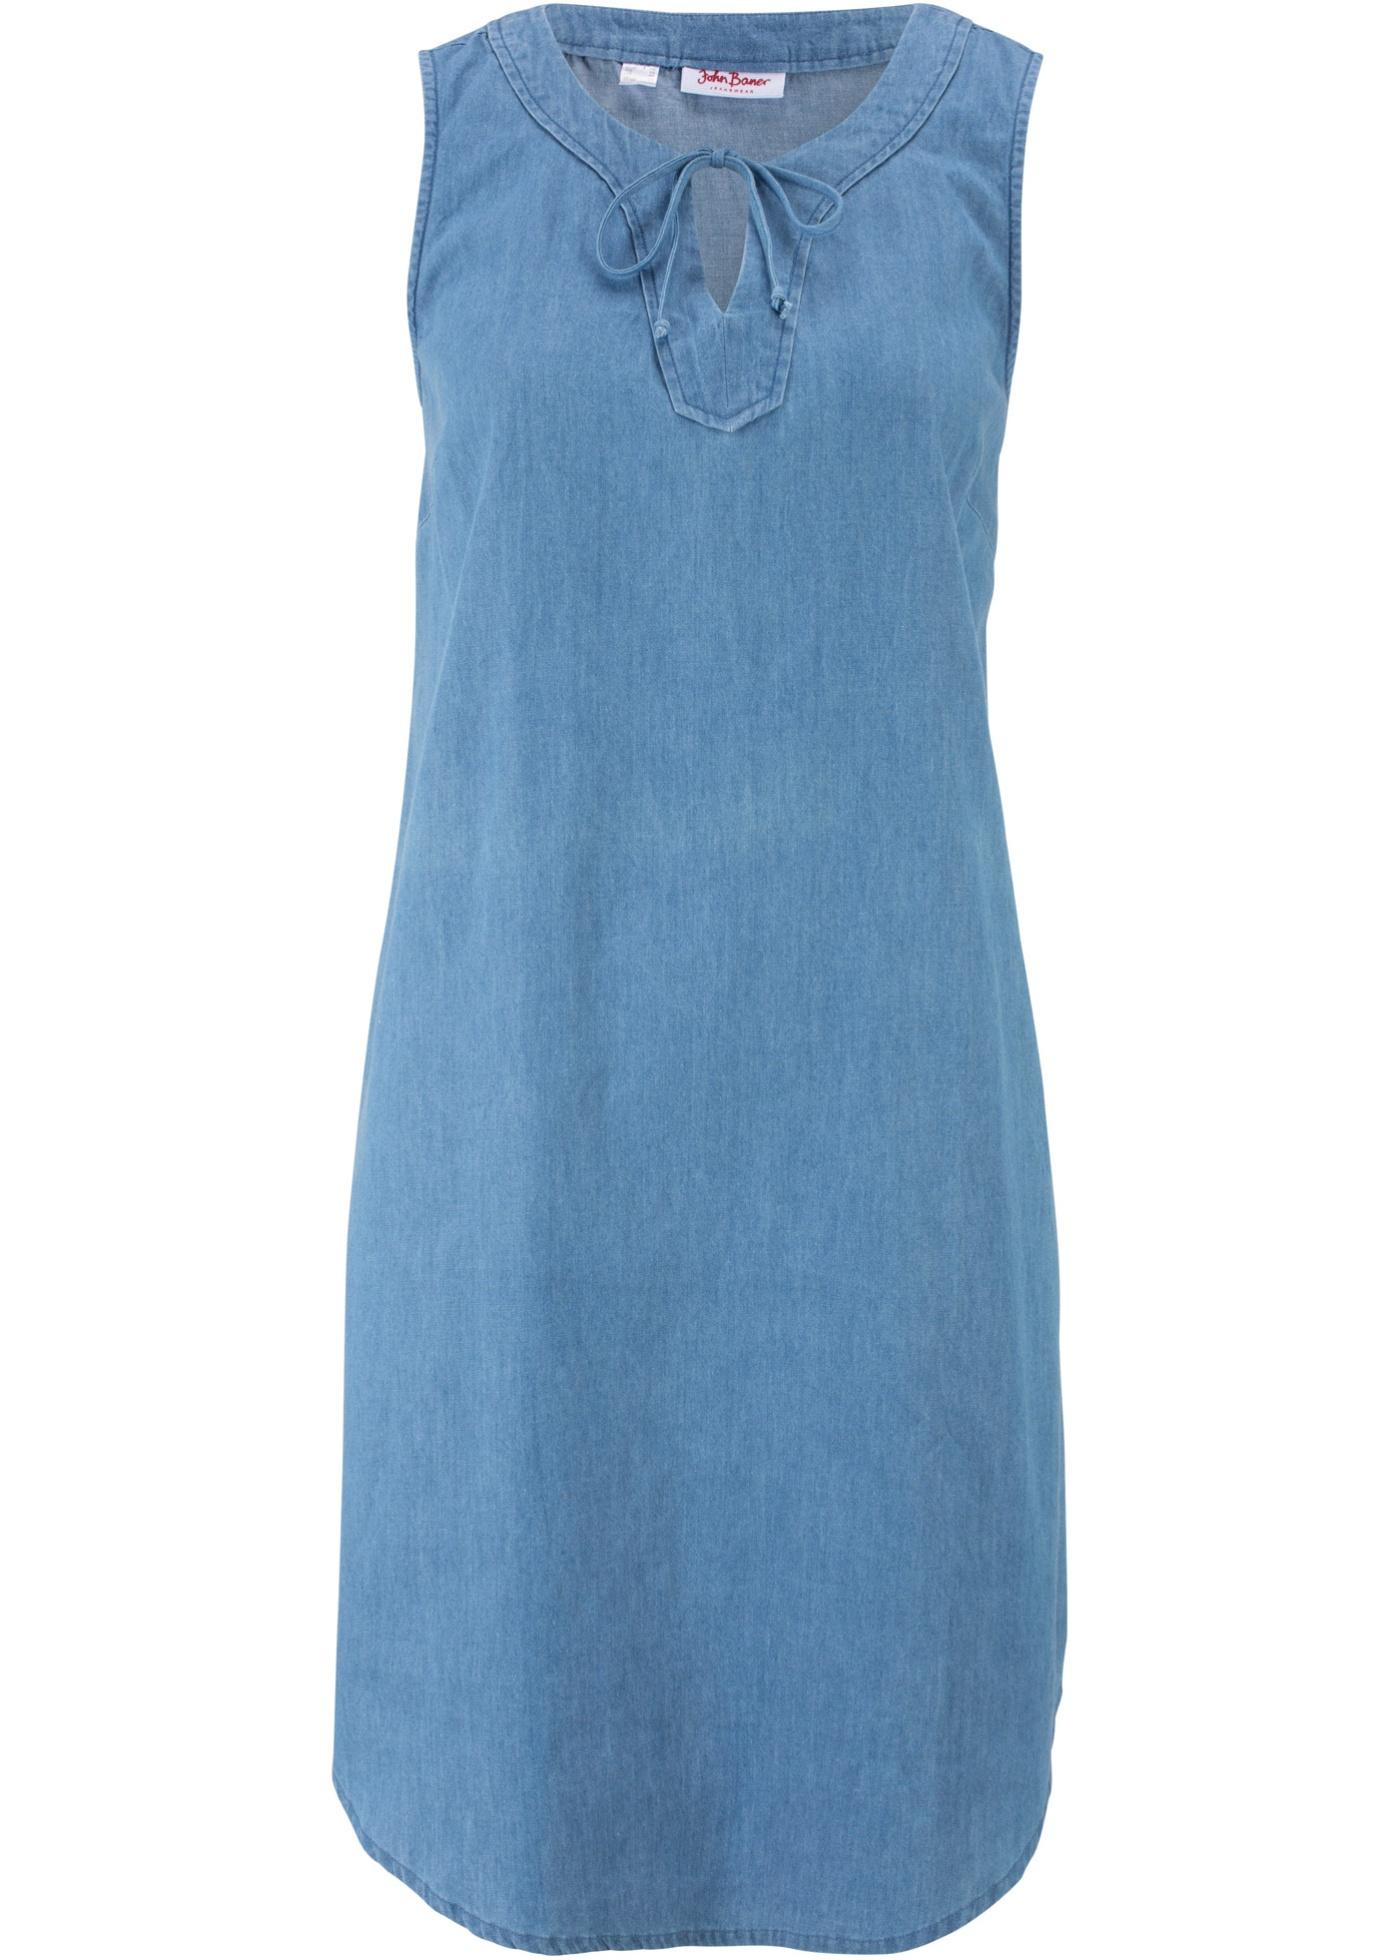 Levné Džínové šaty   Modrá barva šatů